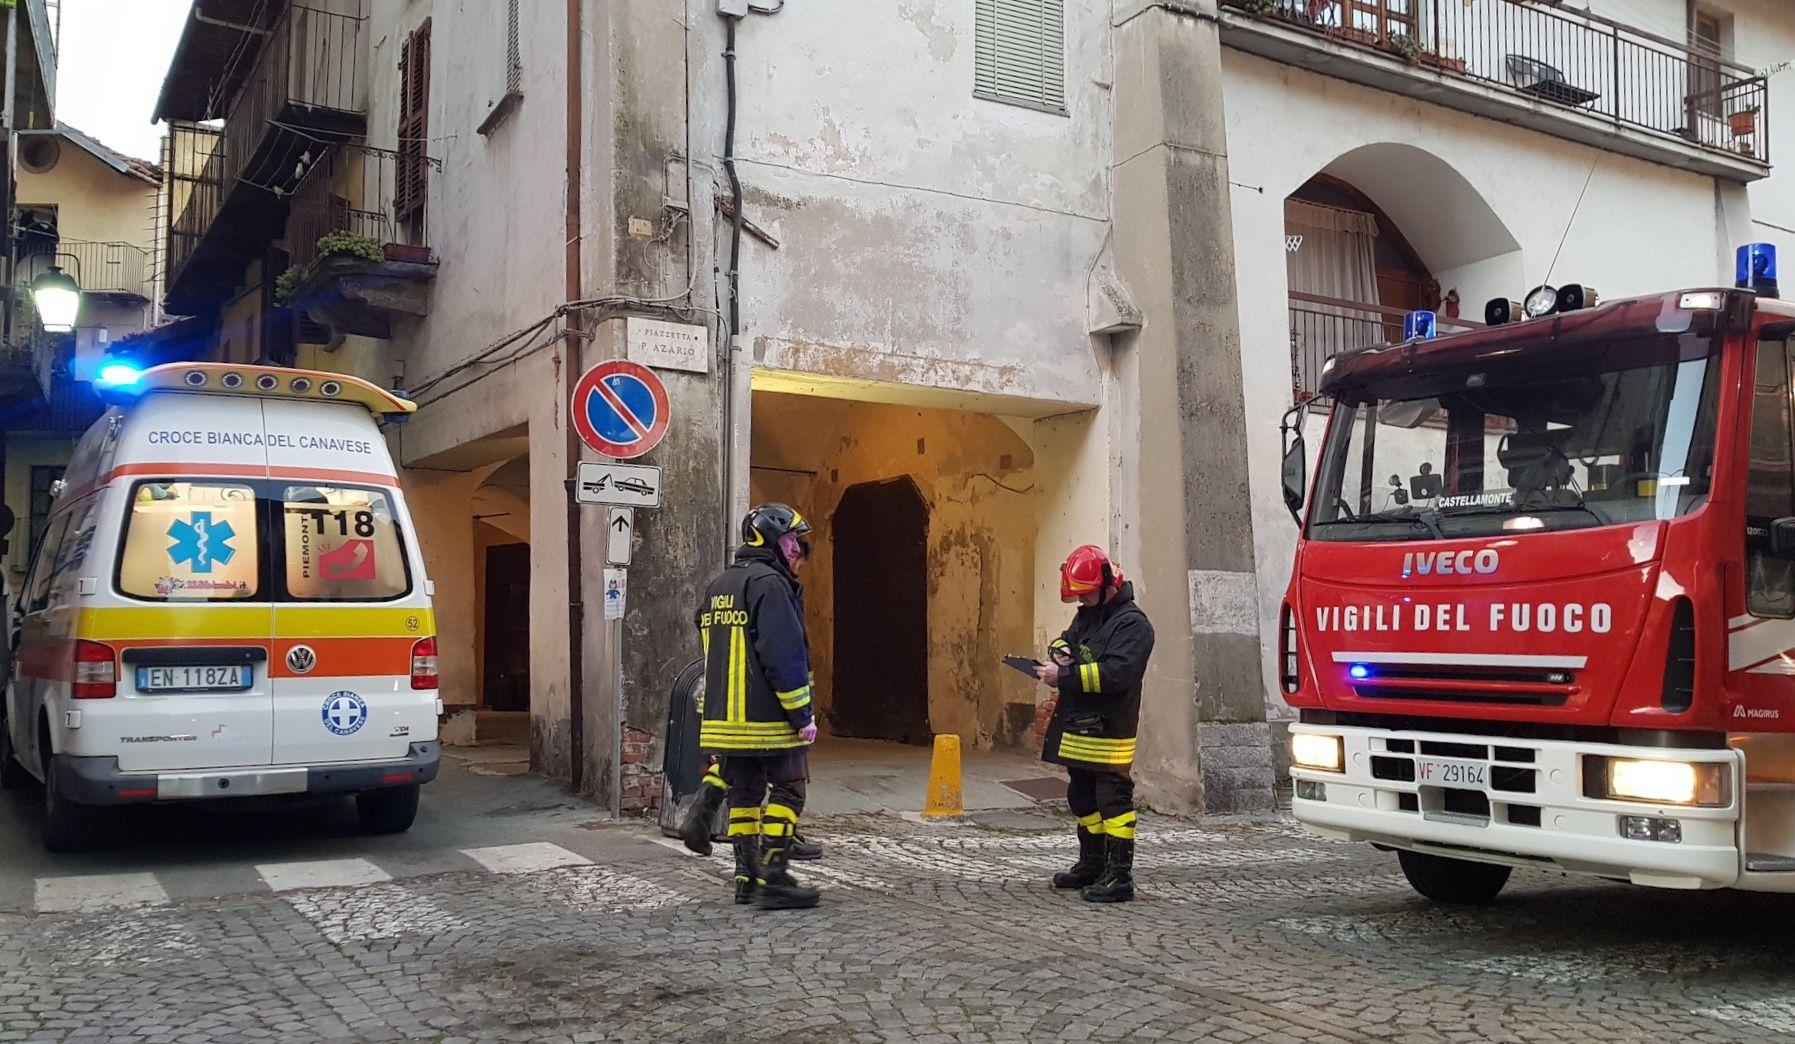 CUORGNÈ - Due ragazzi intossicati dal monossido di carbonio - VIDEO